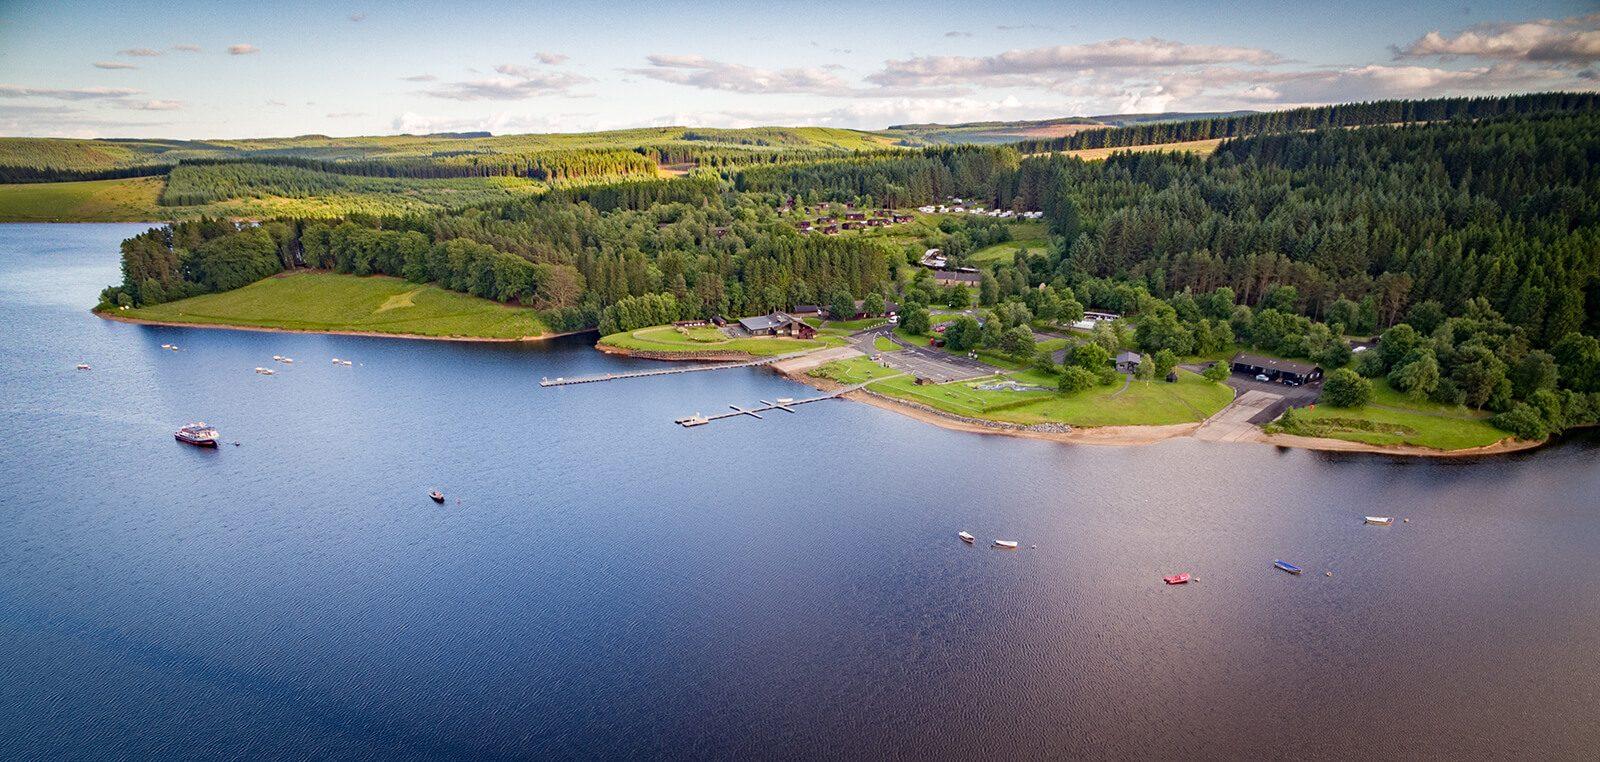 Aerial view of Kielder Waterside